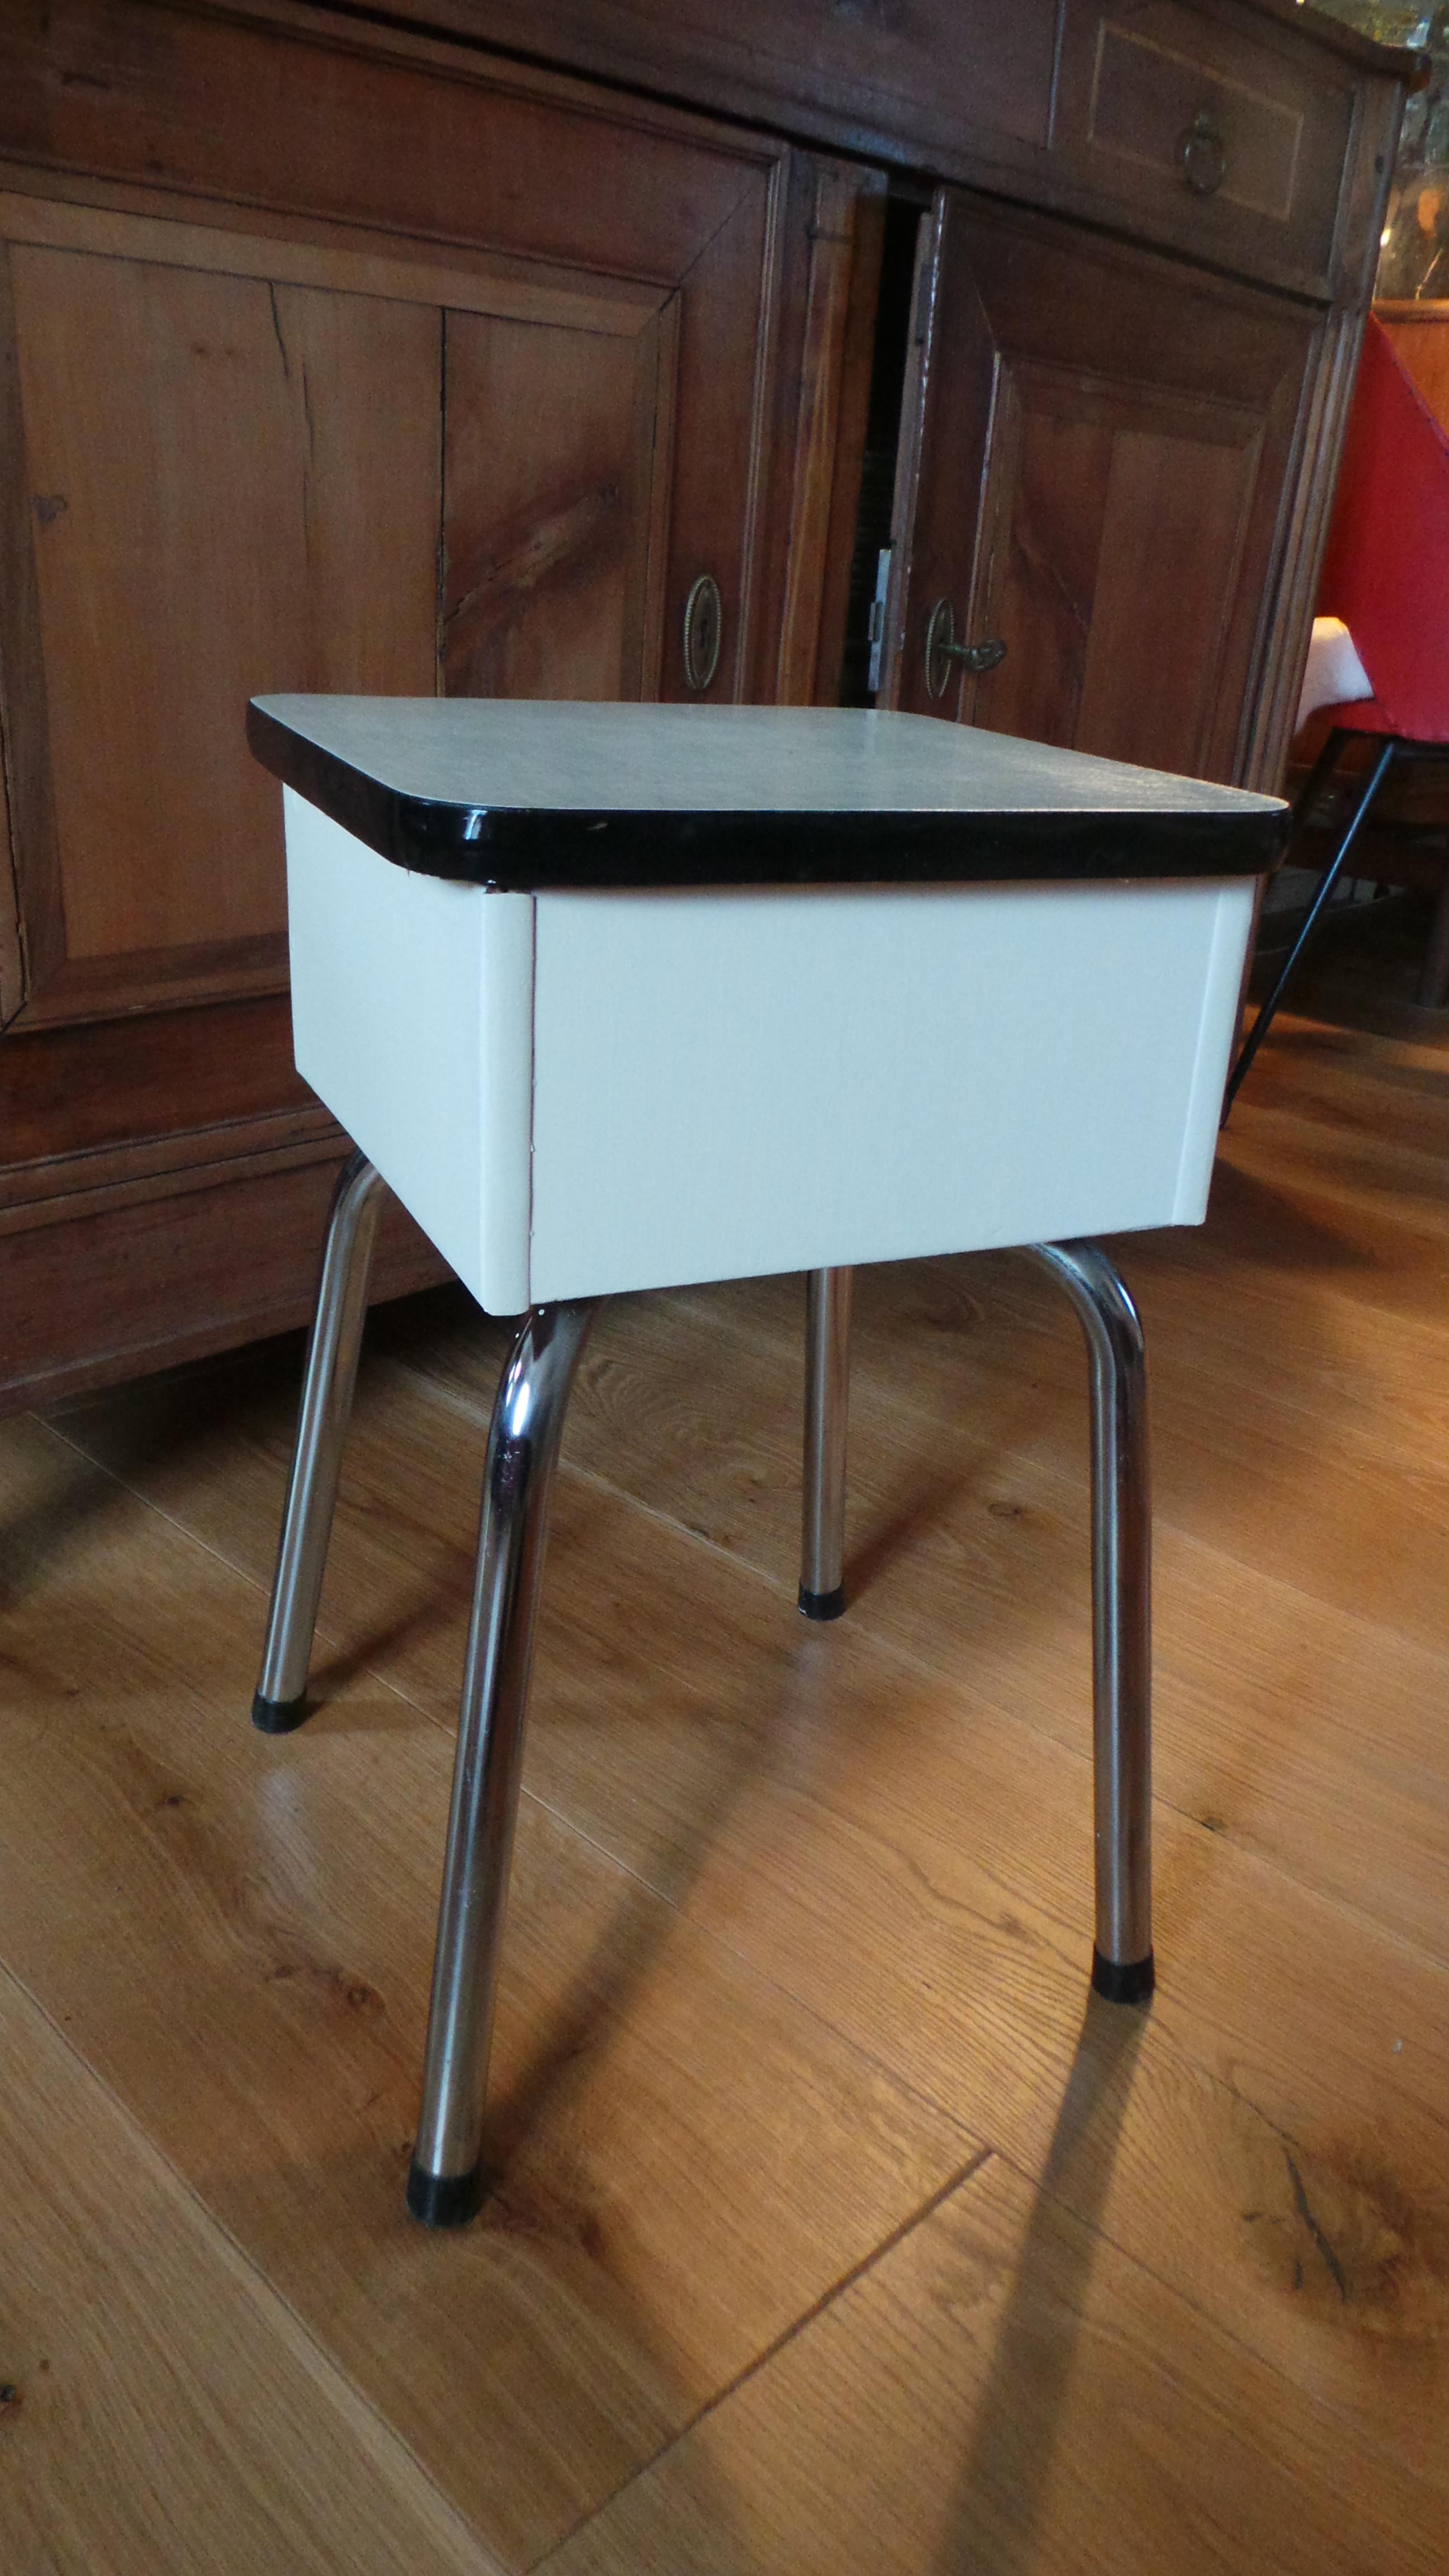 Table Basse En Formica tabouret coffre formica vintage - les vieilles choses